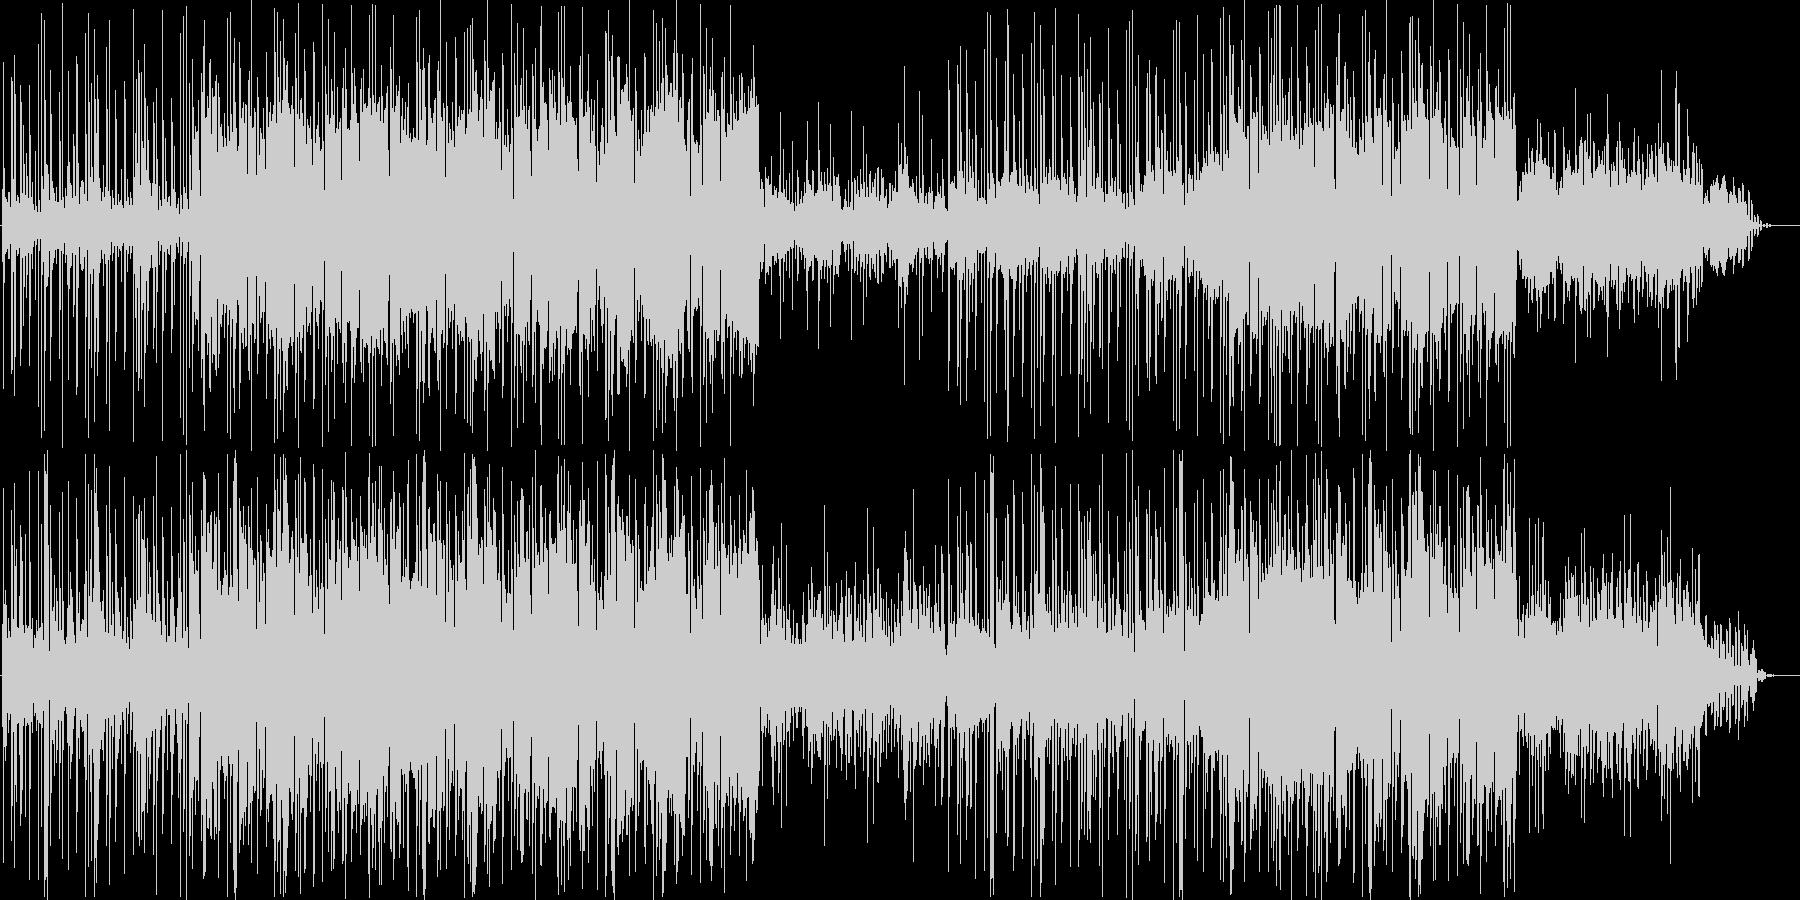 背景に溶け込むミニマルな電子音楽の未再生の波形